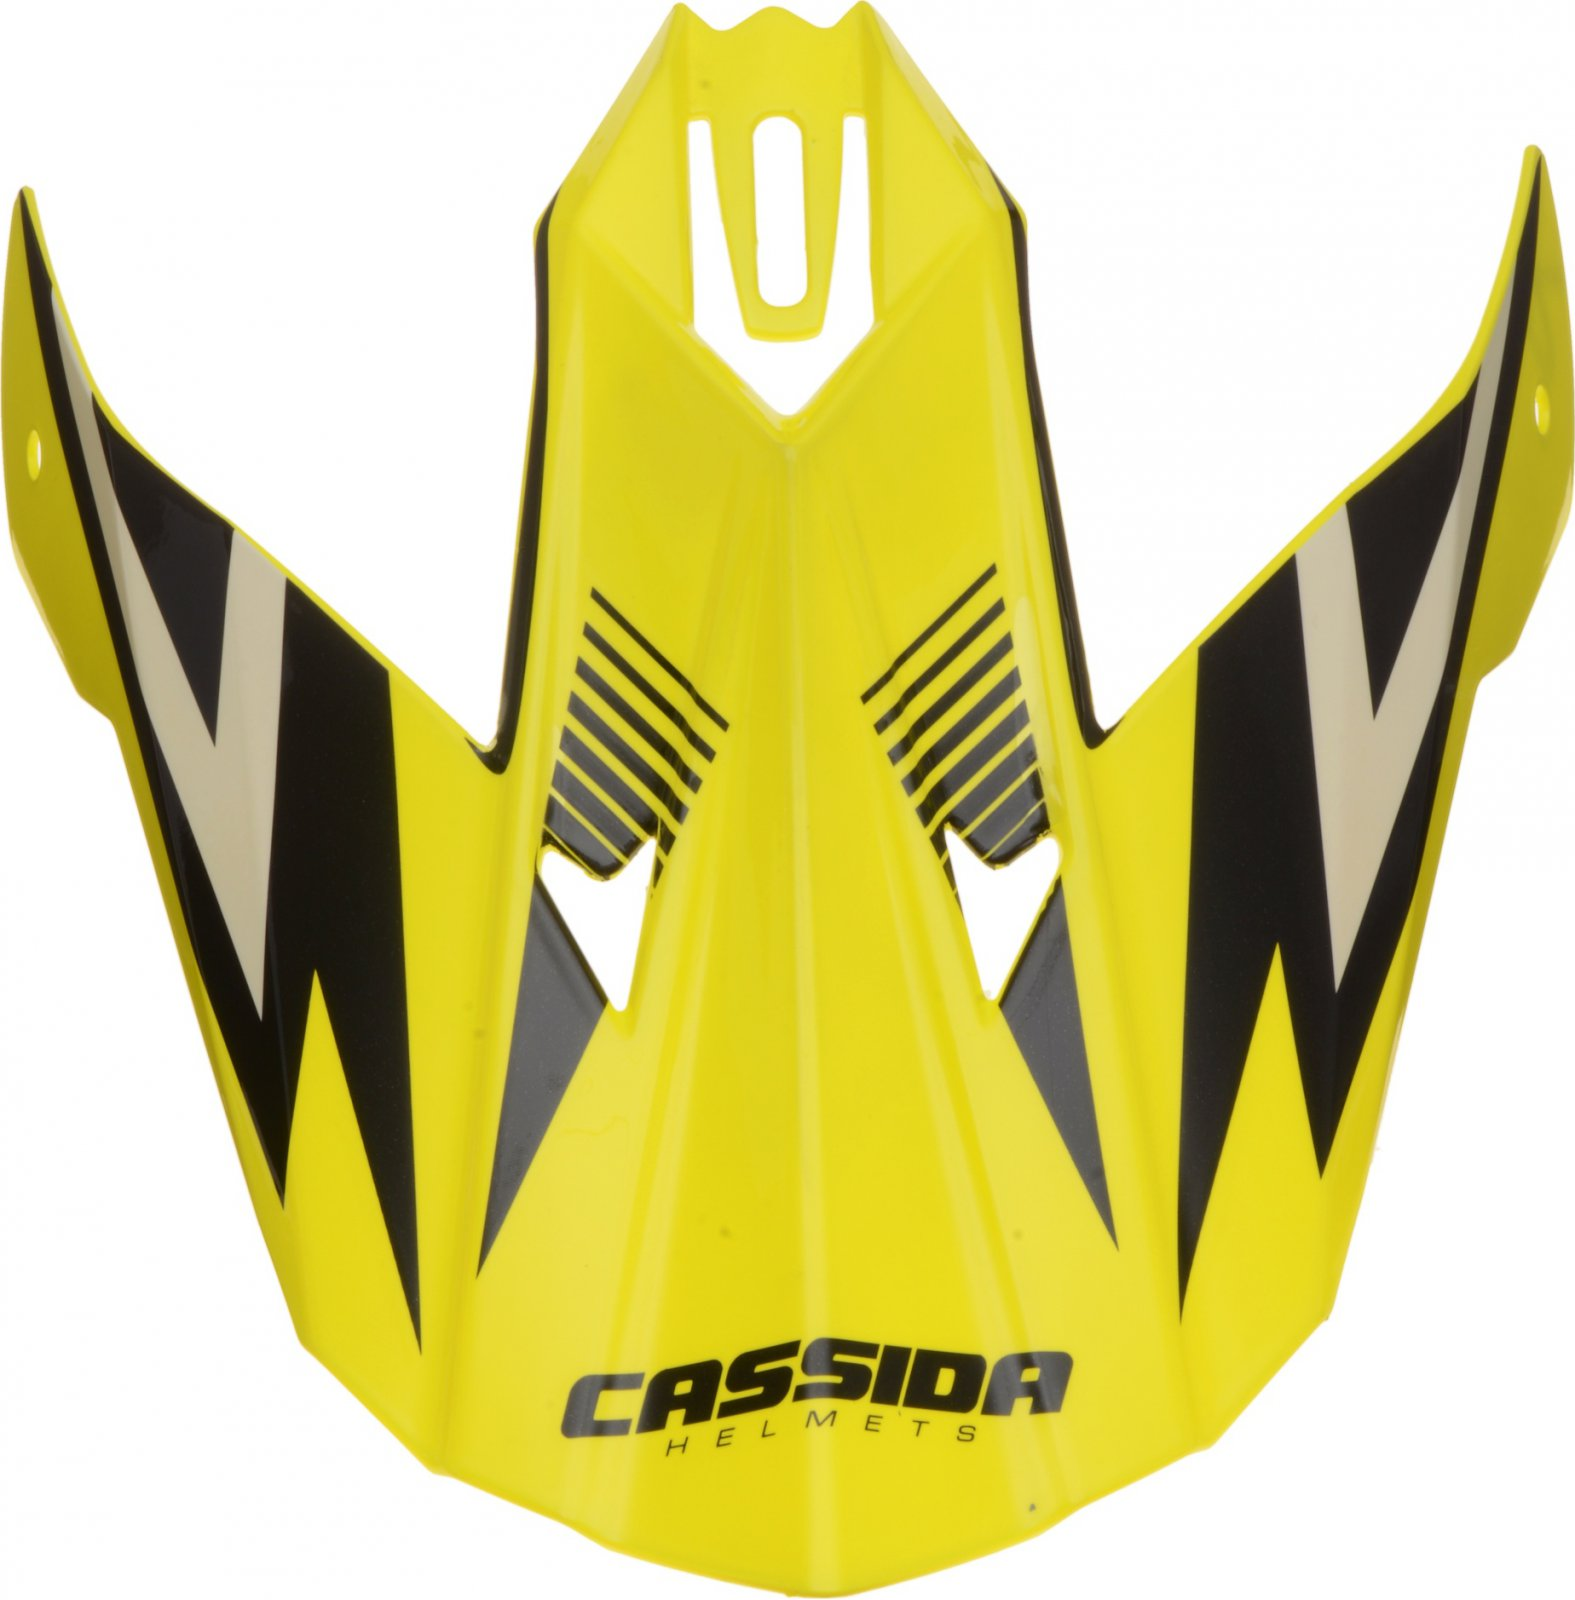 23f0df2e78e Cassida Cross Cup kšilt bílý perleť žlutý fluo černý od 484 Kč • Zboží.cz